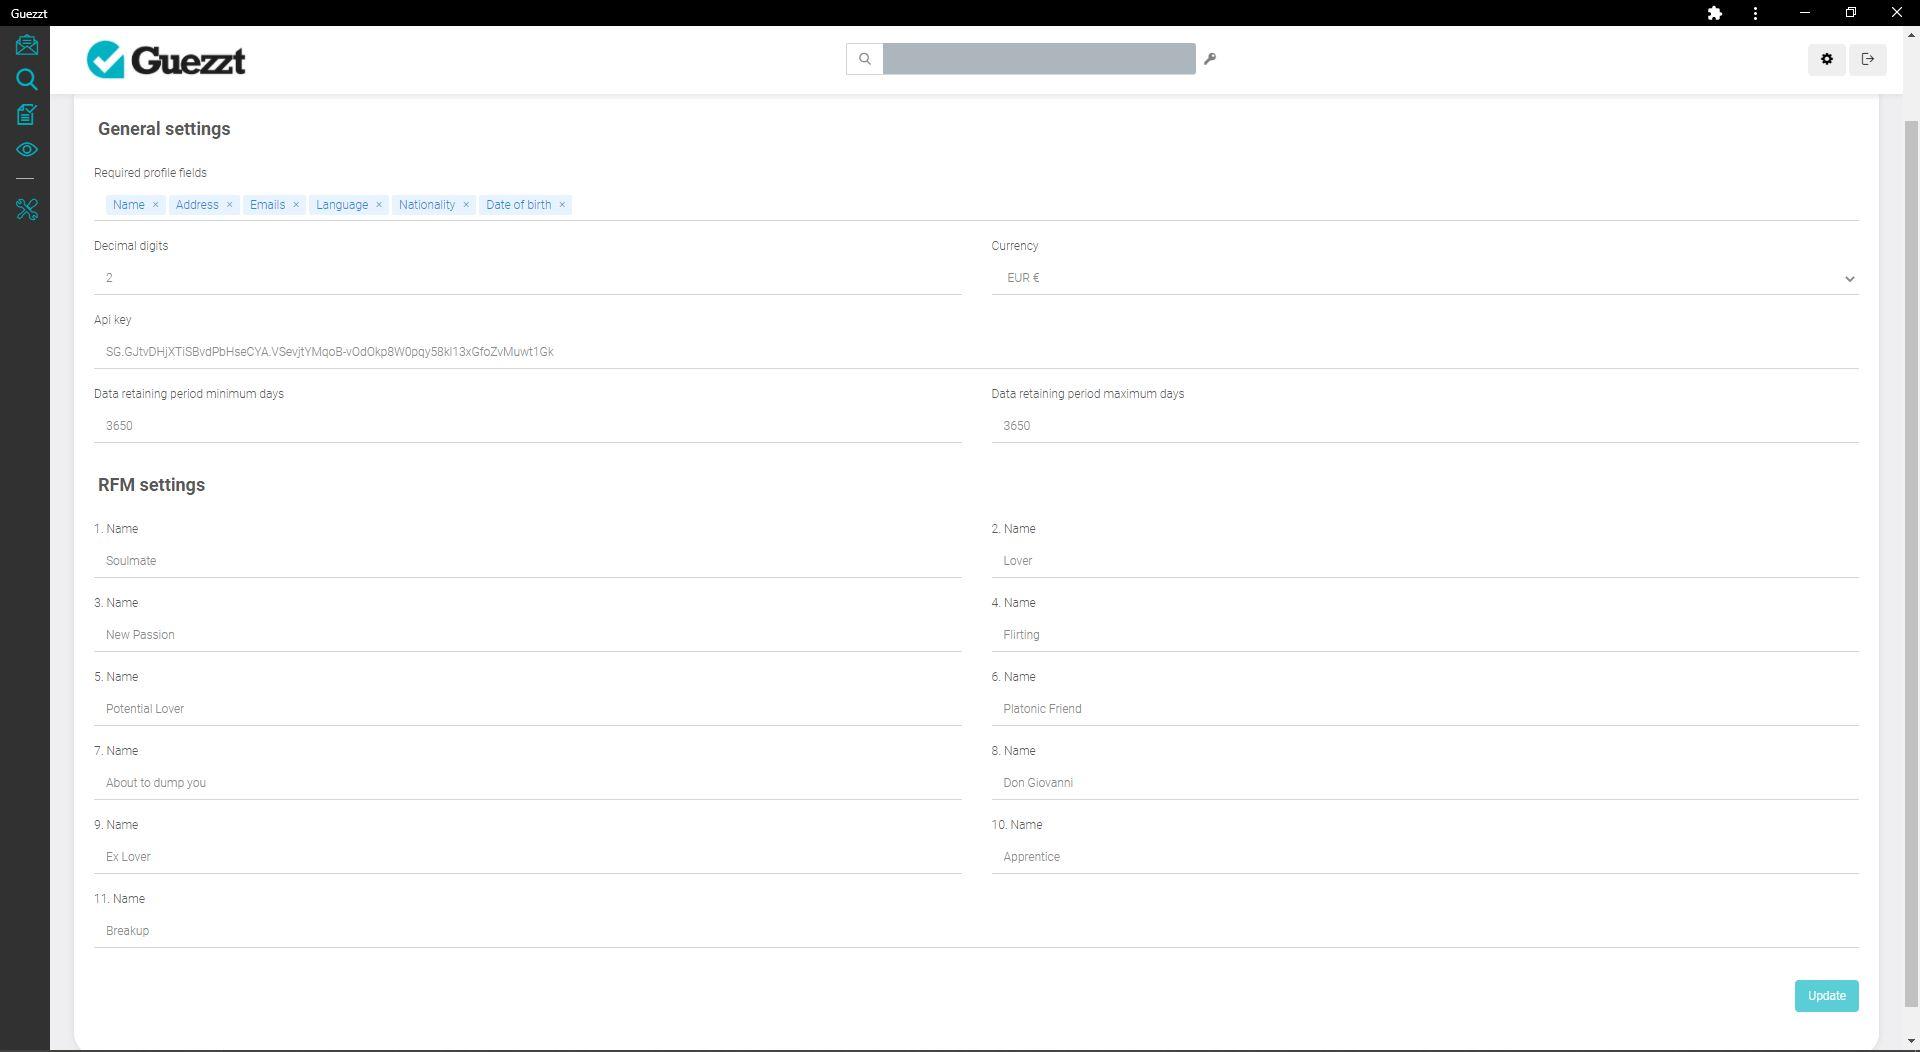 Screen Guezzt Comportamento dei clienti + Indice RFM